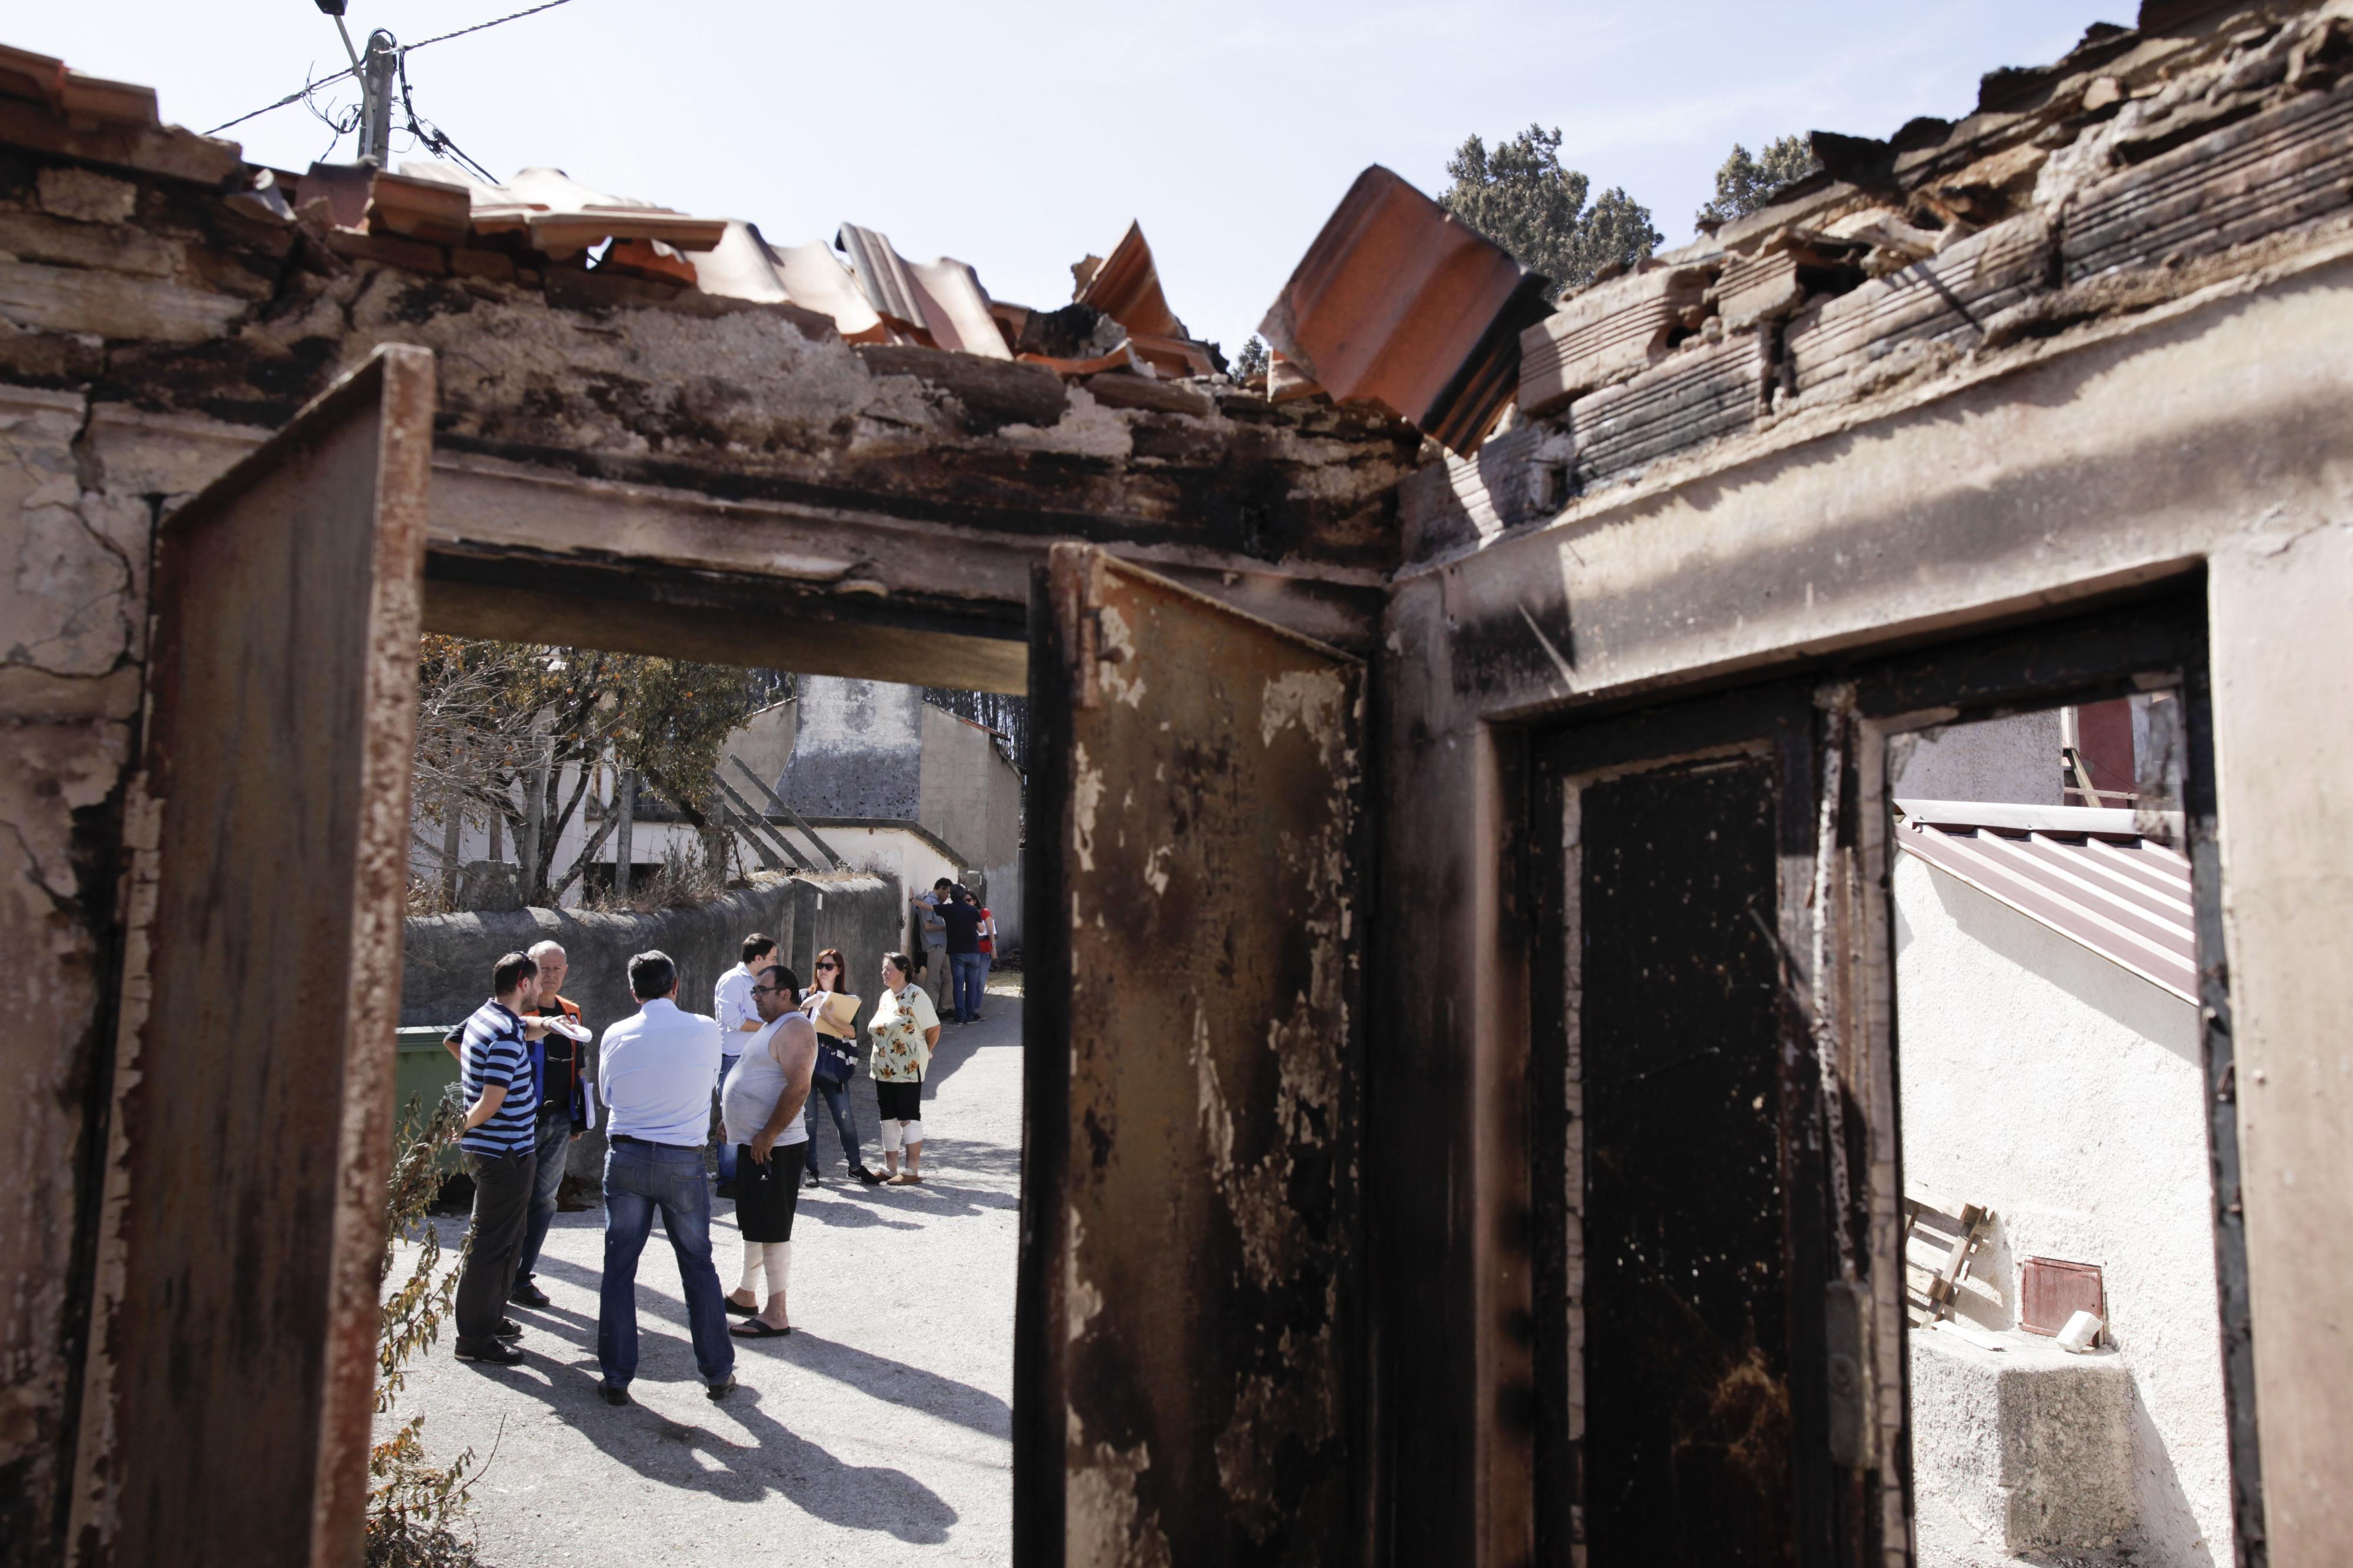 Fundo de apoio para áreas afetadas pelos incêndios irá ter verbas públicas e privadas